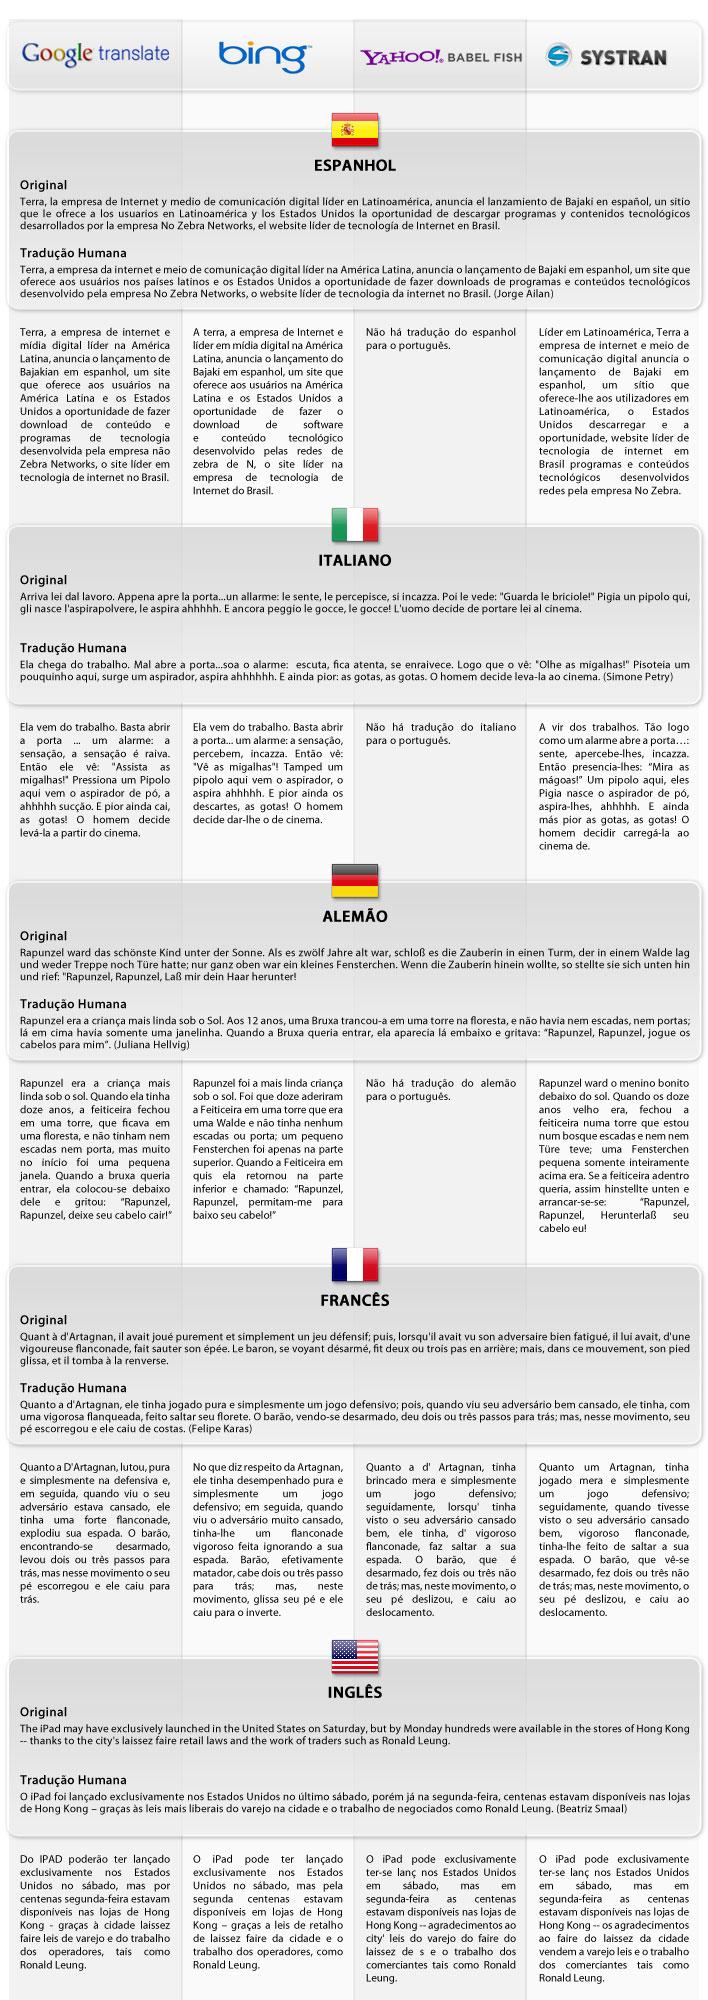 Todas as traduções    da análise